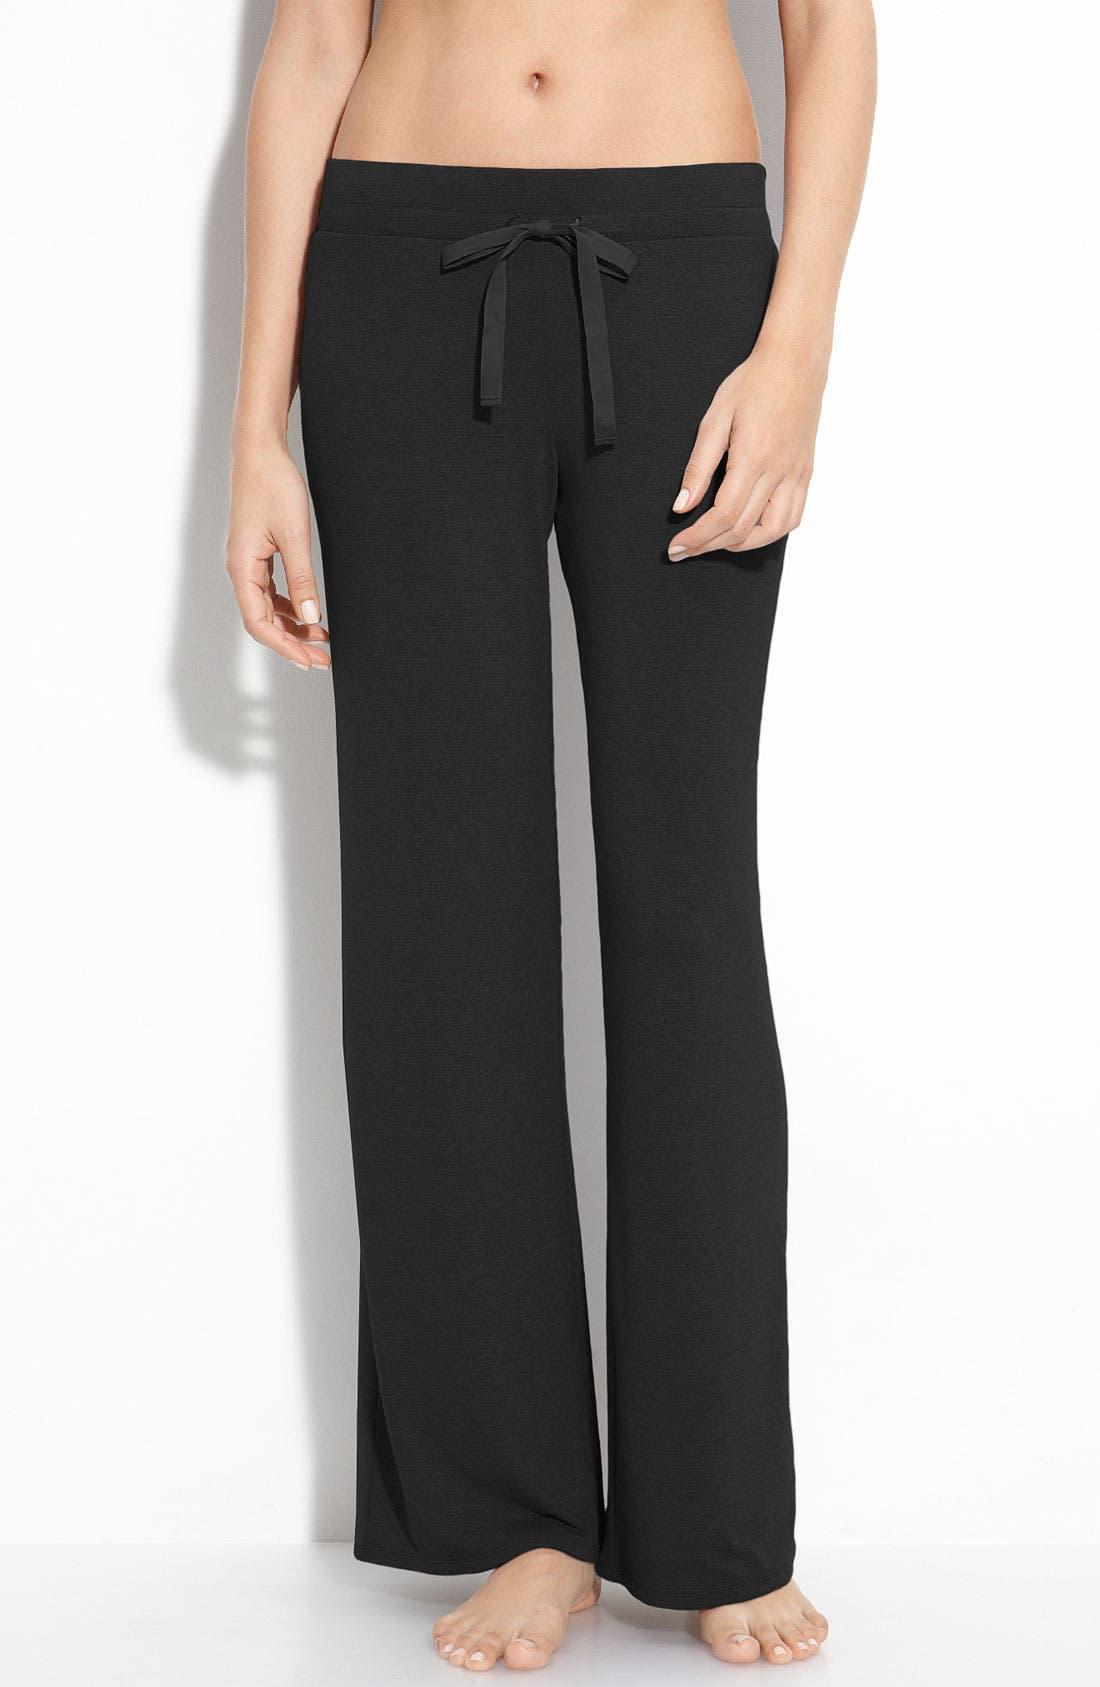 Alternate Image 1 Selected - Natori Drawstring Lounge Pants